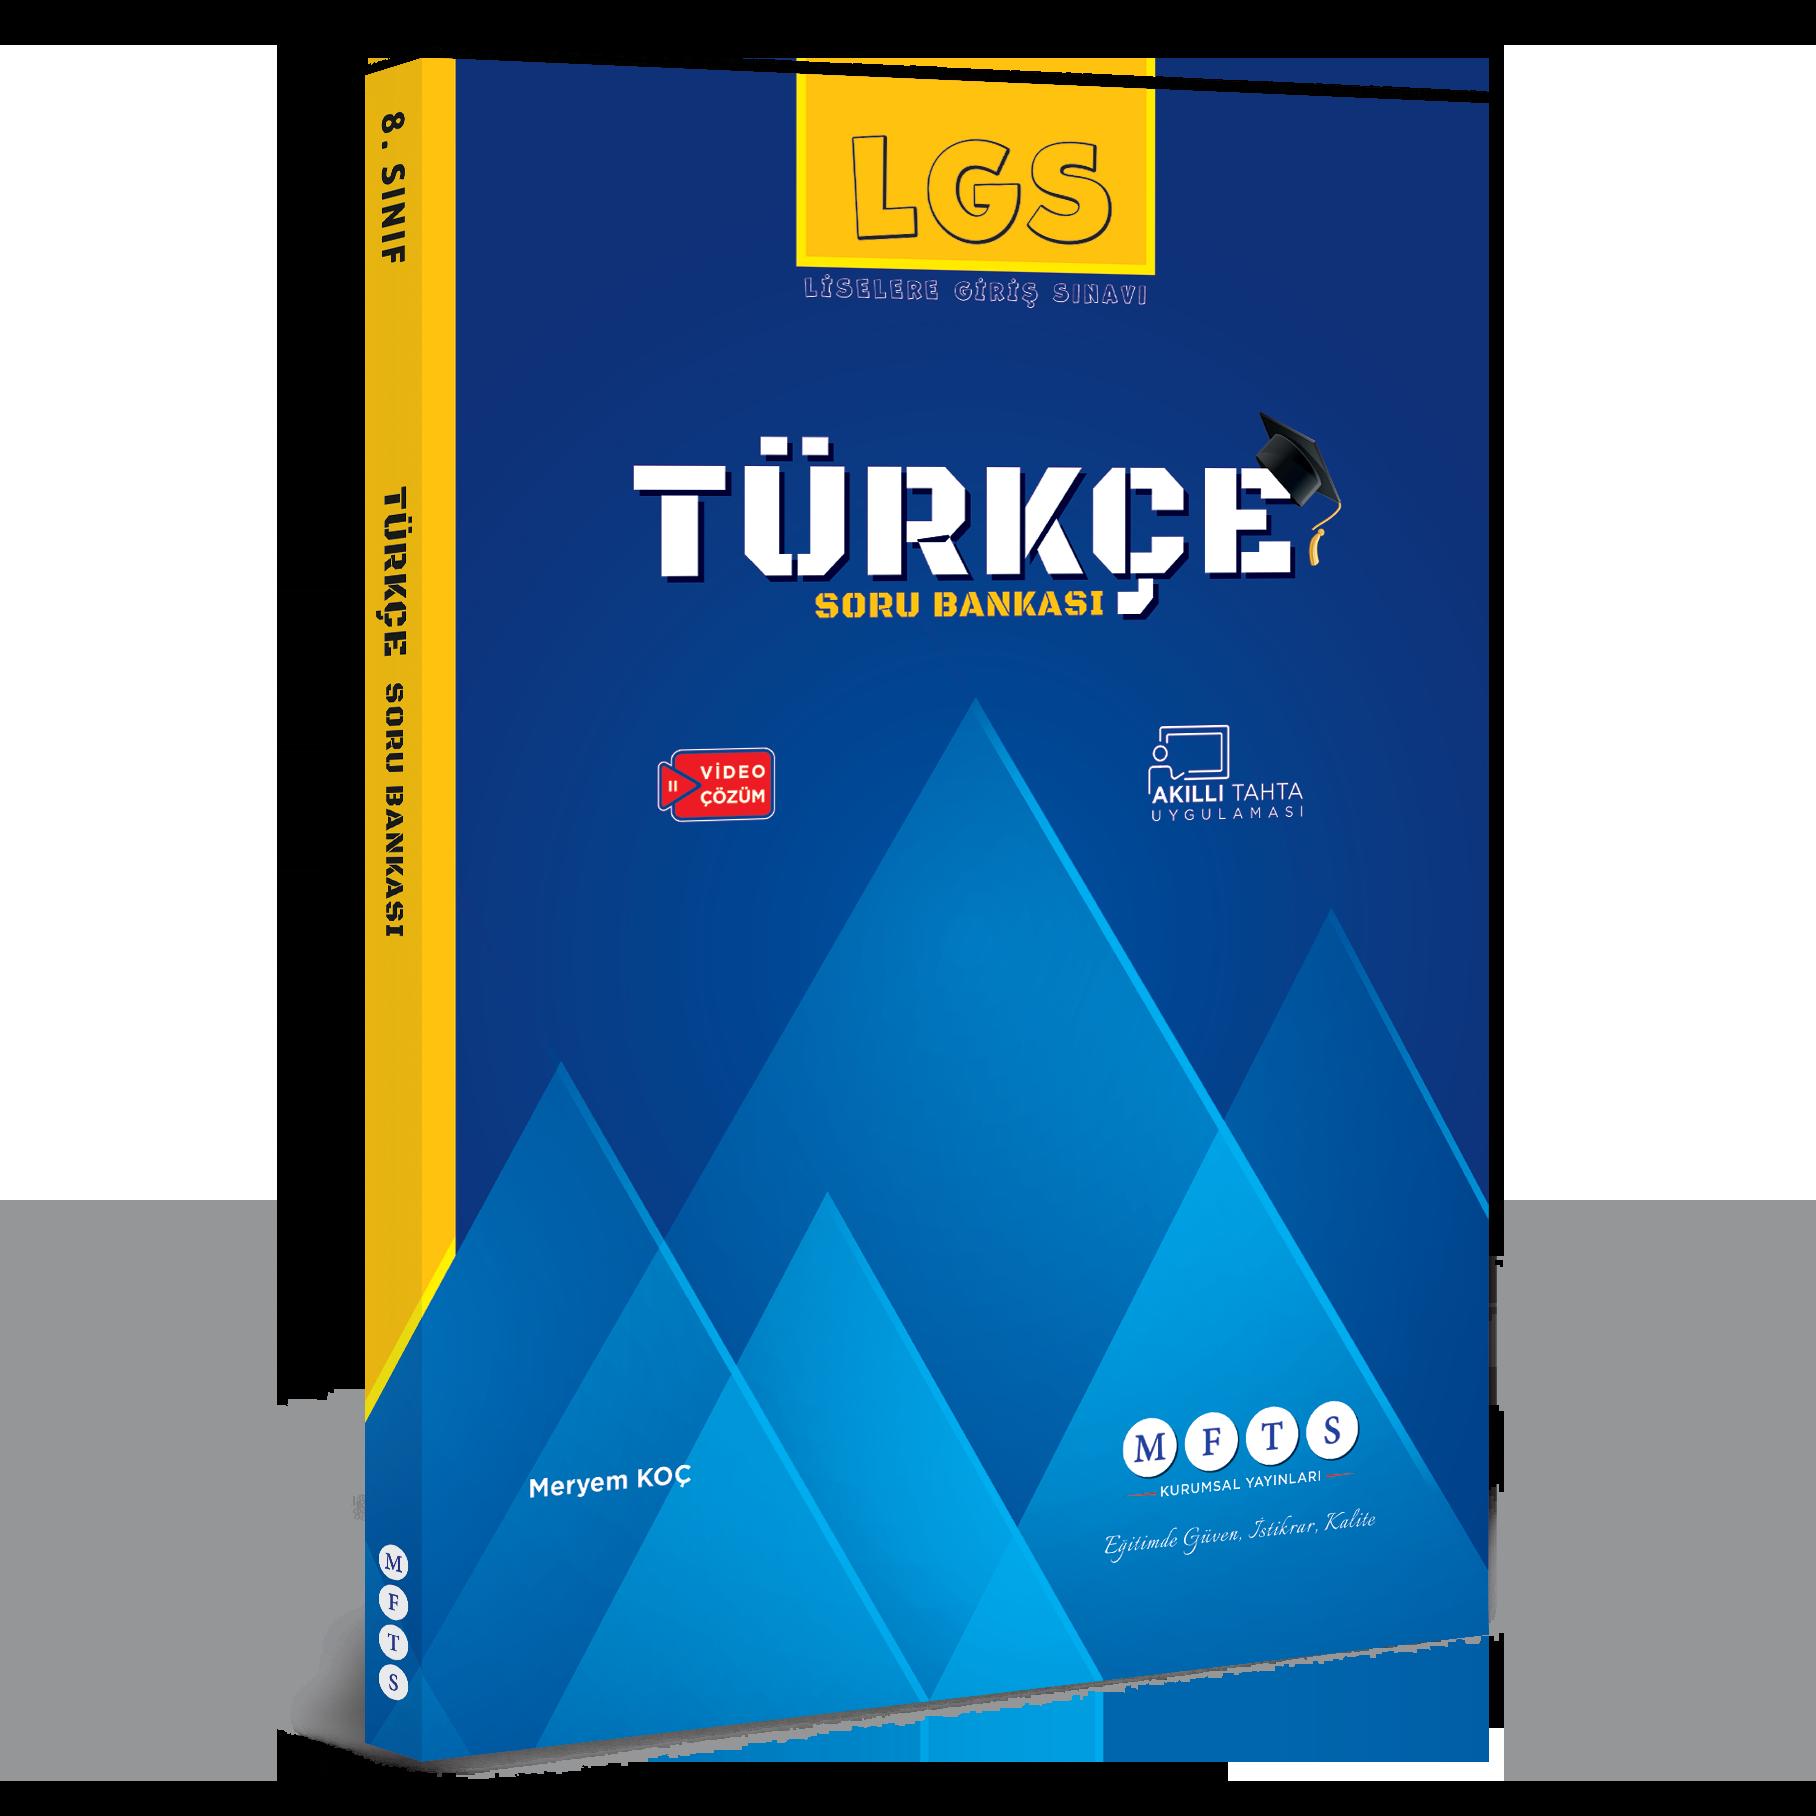 fenbilimlerimerkezi.net yayinlar: LGS Türkçe Soru Bankası